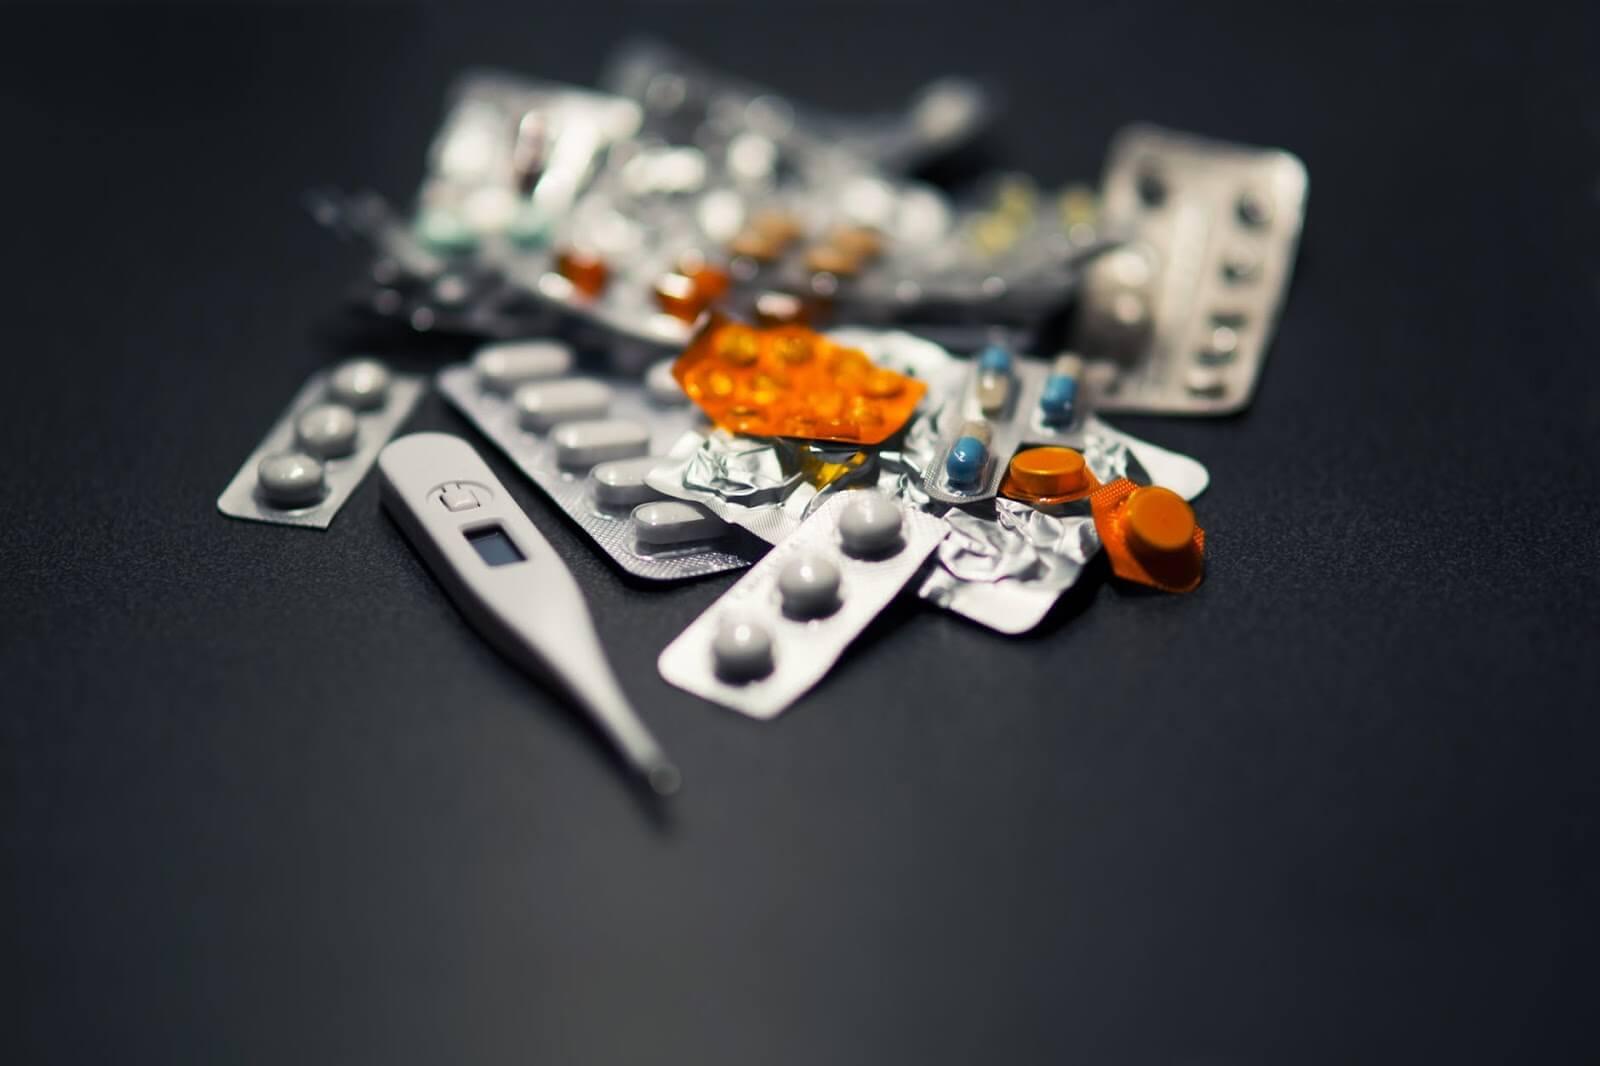 Медикаментите по лекарско предписание трябва да се прилагат единствено след консултация и по преценка на медицинско лице.